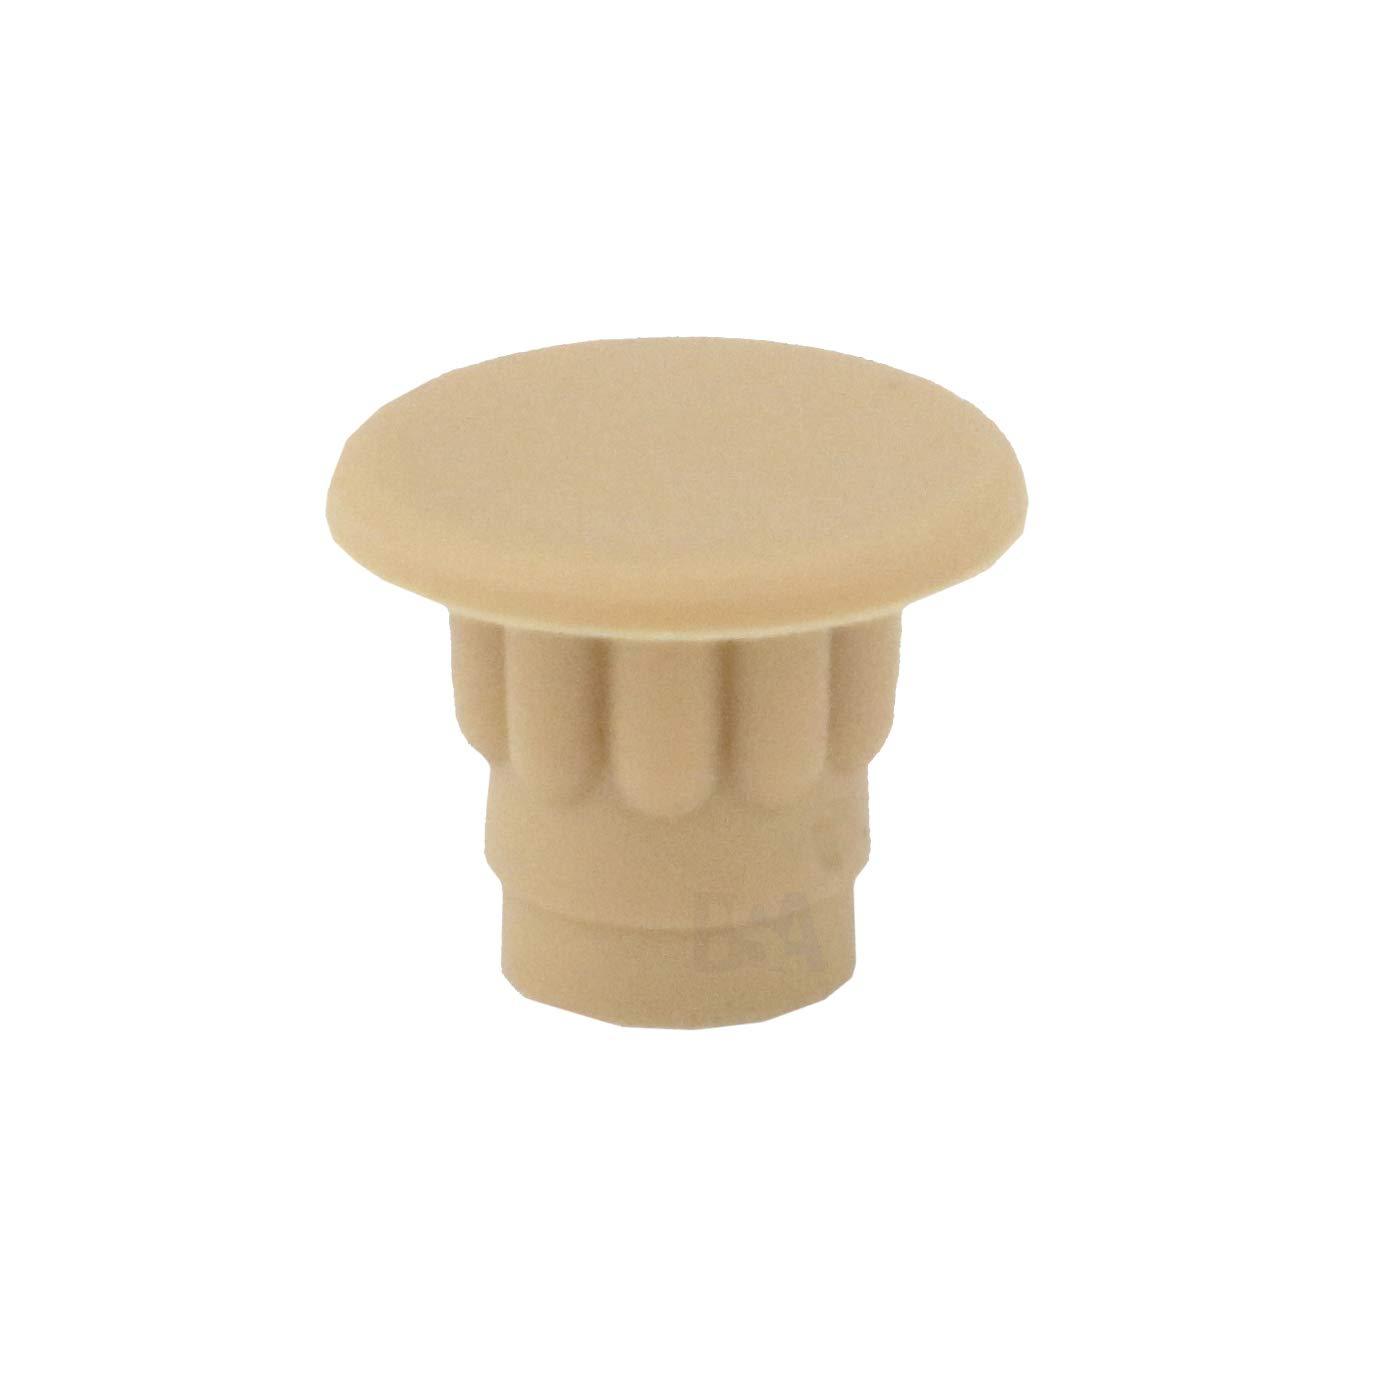 color beige profundidad del orificio: 5 mm Irox avellana Lote de 10 tapones para agujero de 5 mm pl/ástico tap/ón: cubre agujero para muebles de 5 mm cabeza: 7 mm